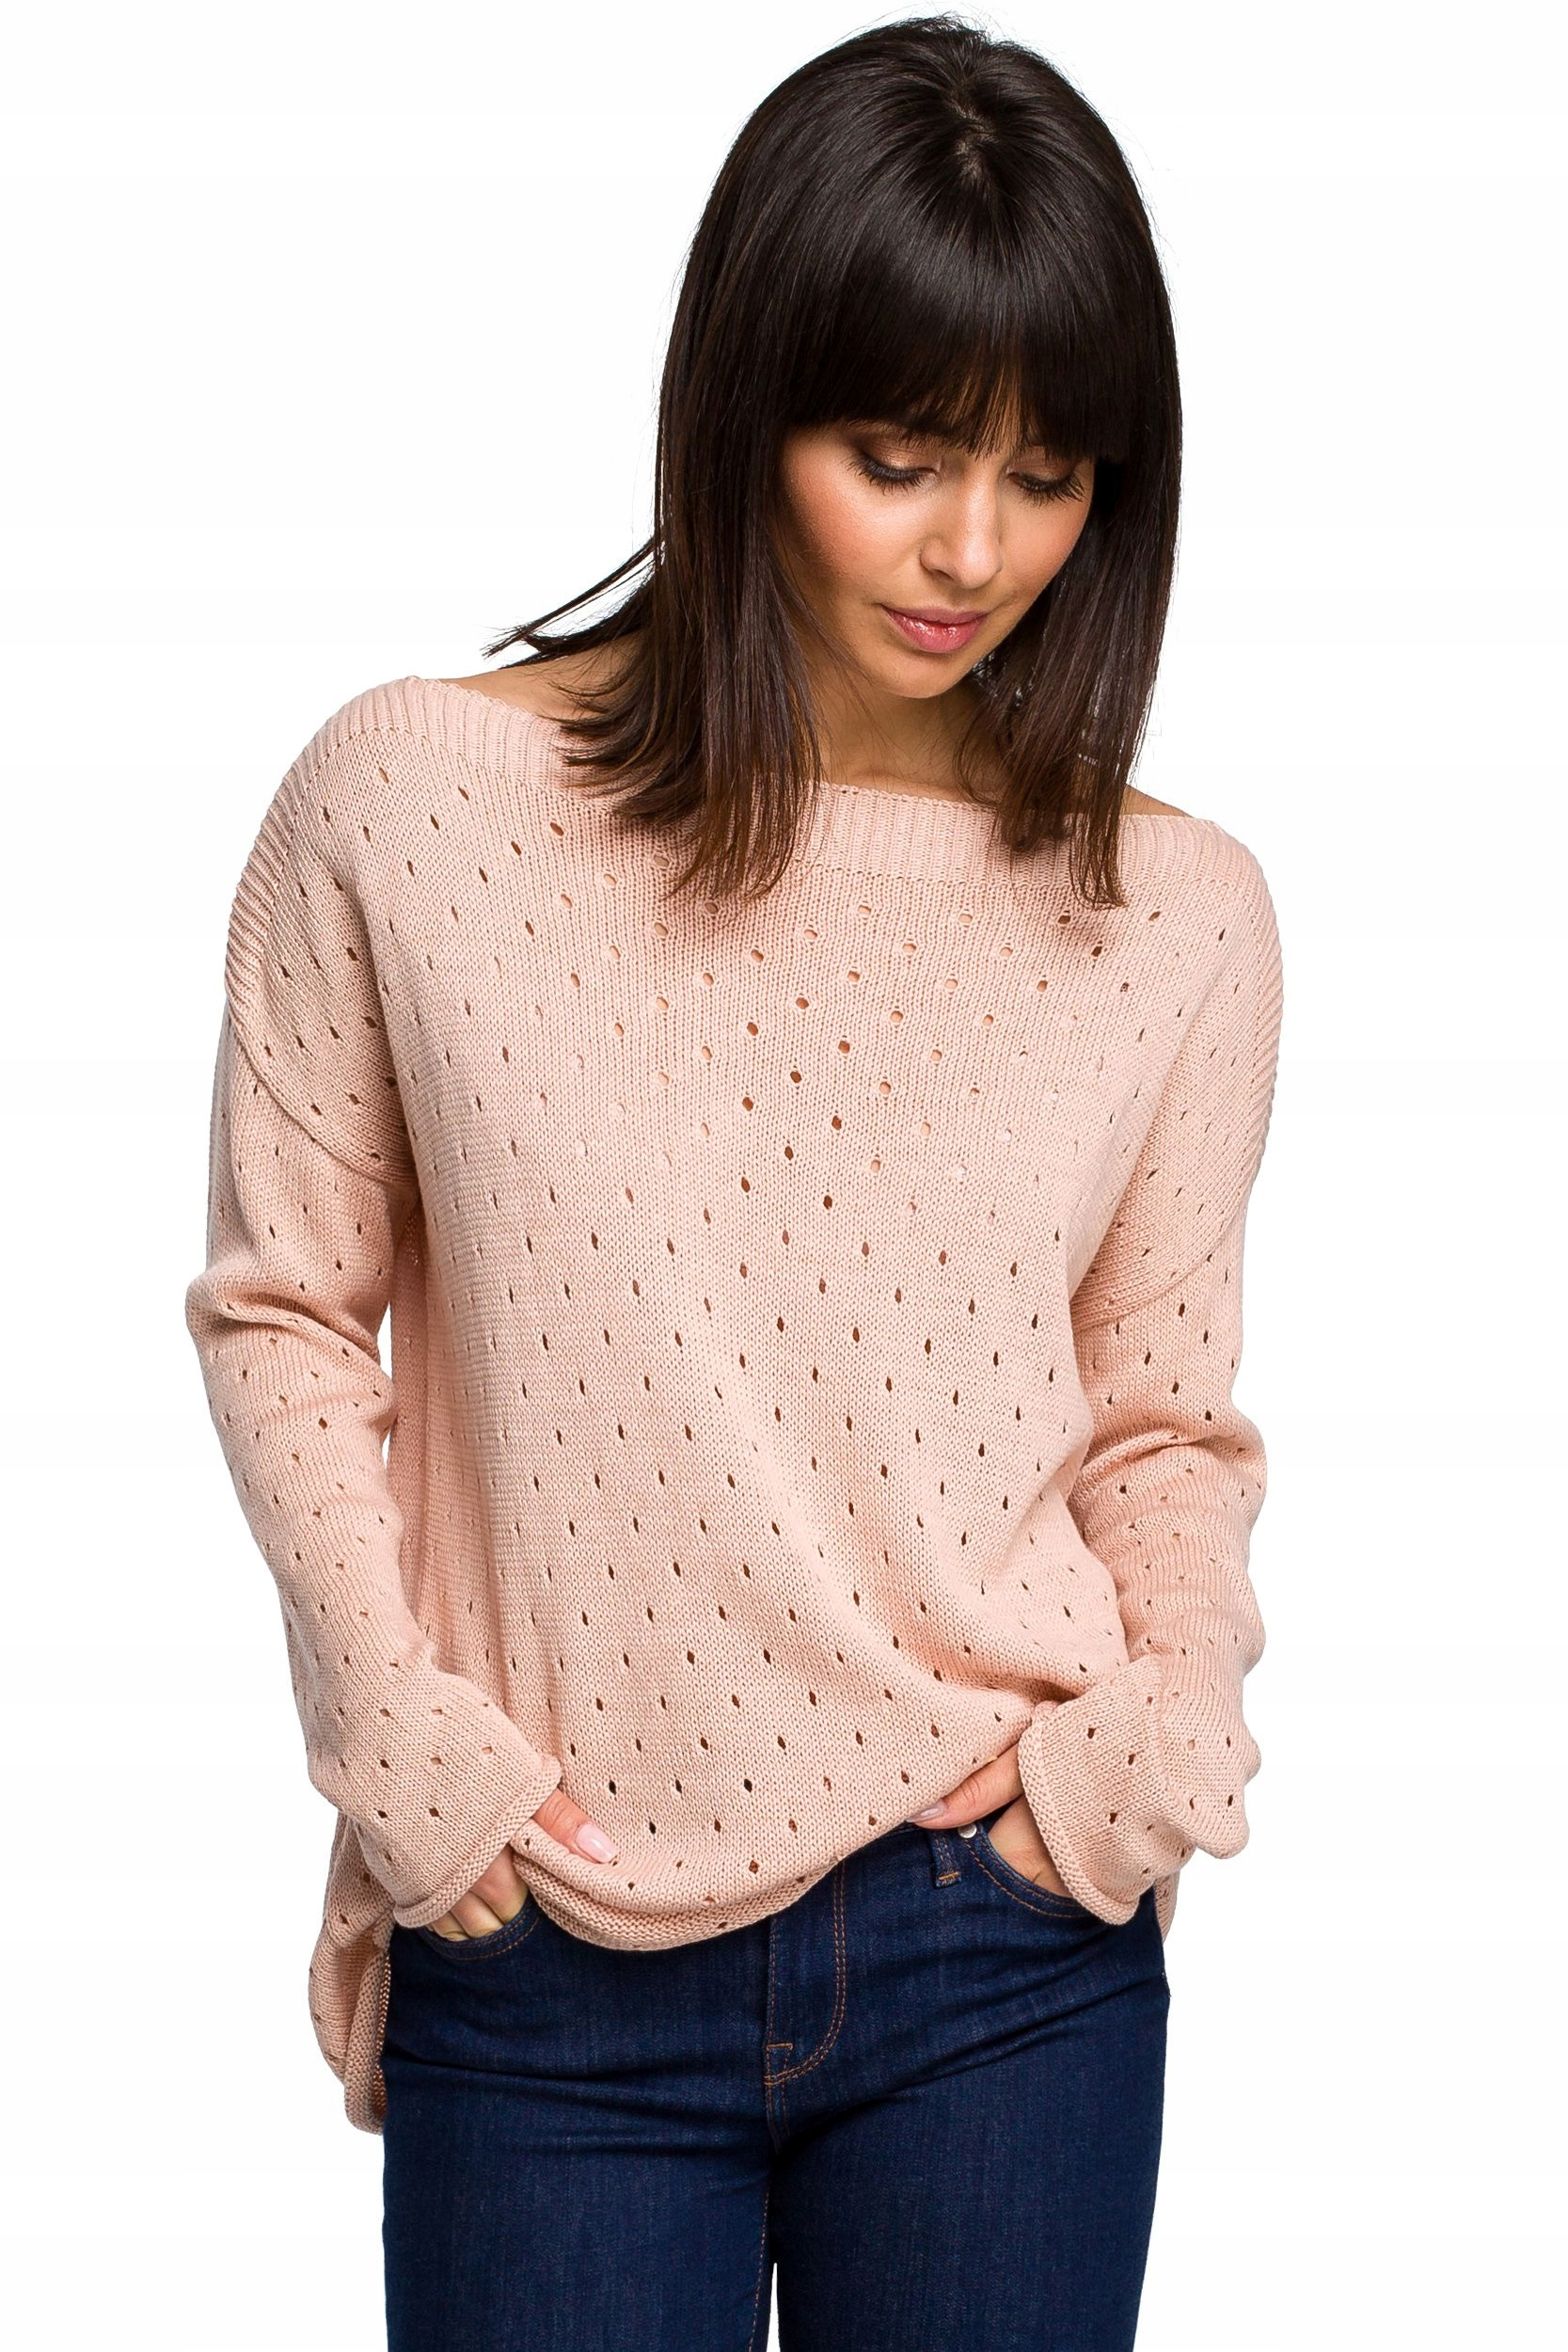 BK019 Sweter z oczkami - brzoskwiniowy Uni